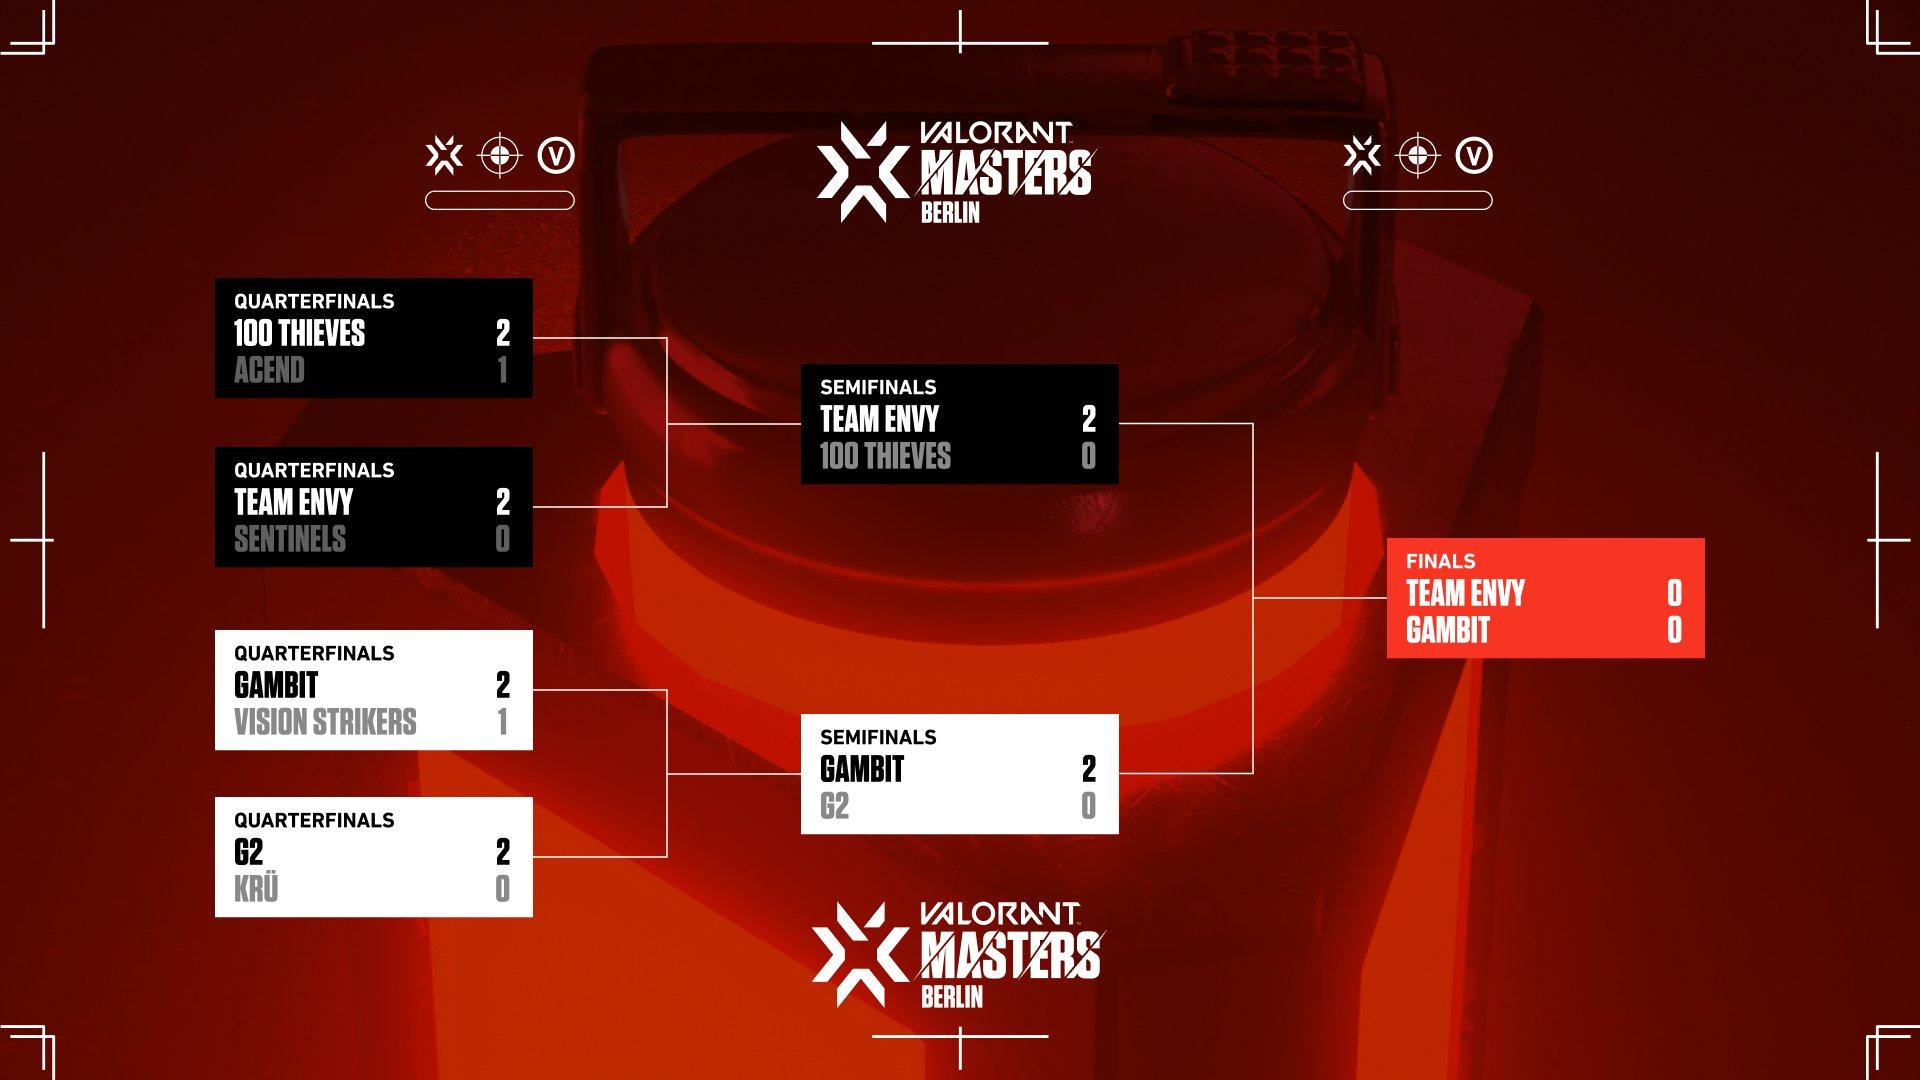 VALORANT Masters Berlin Büyük finali